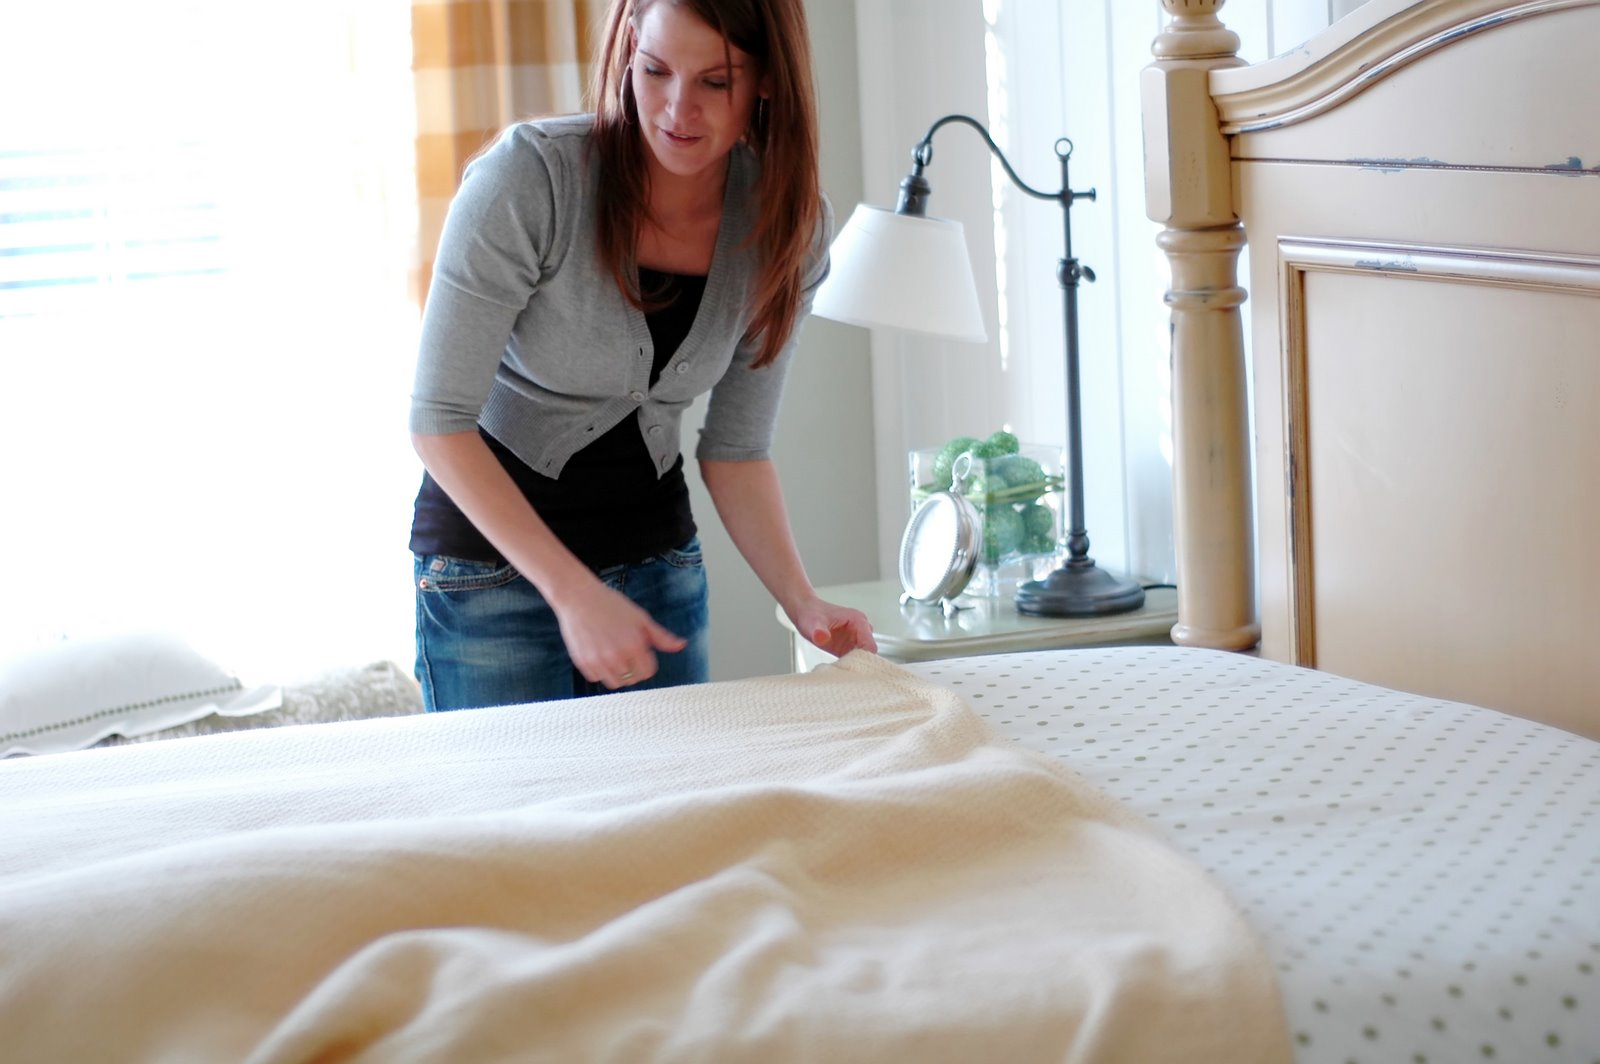 Bed Making Blanket